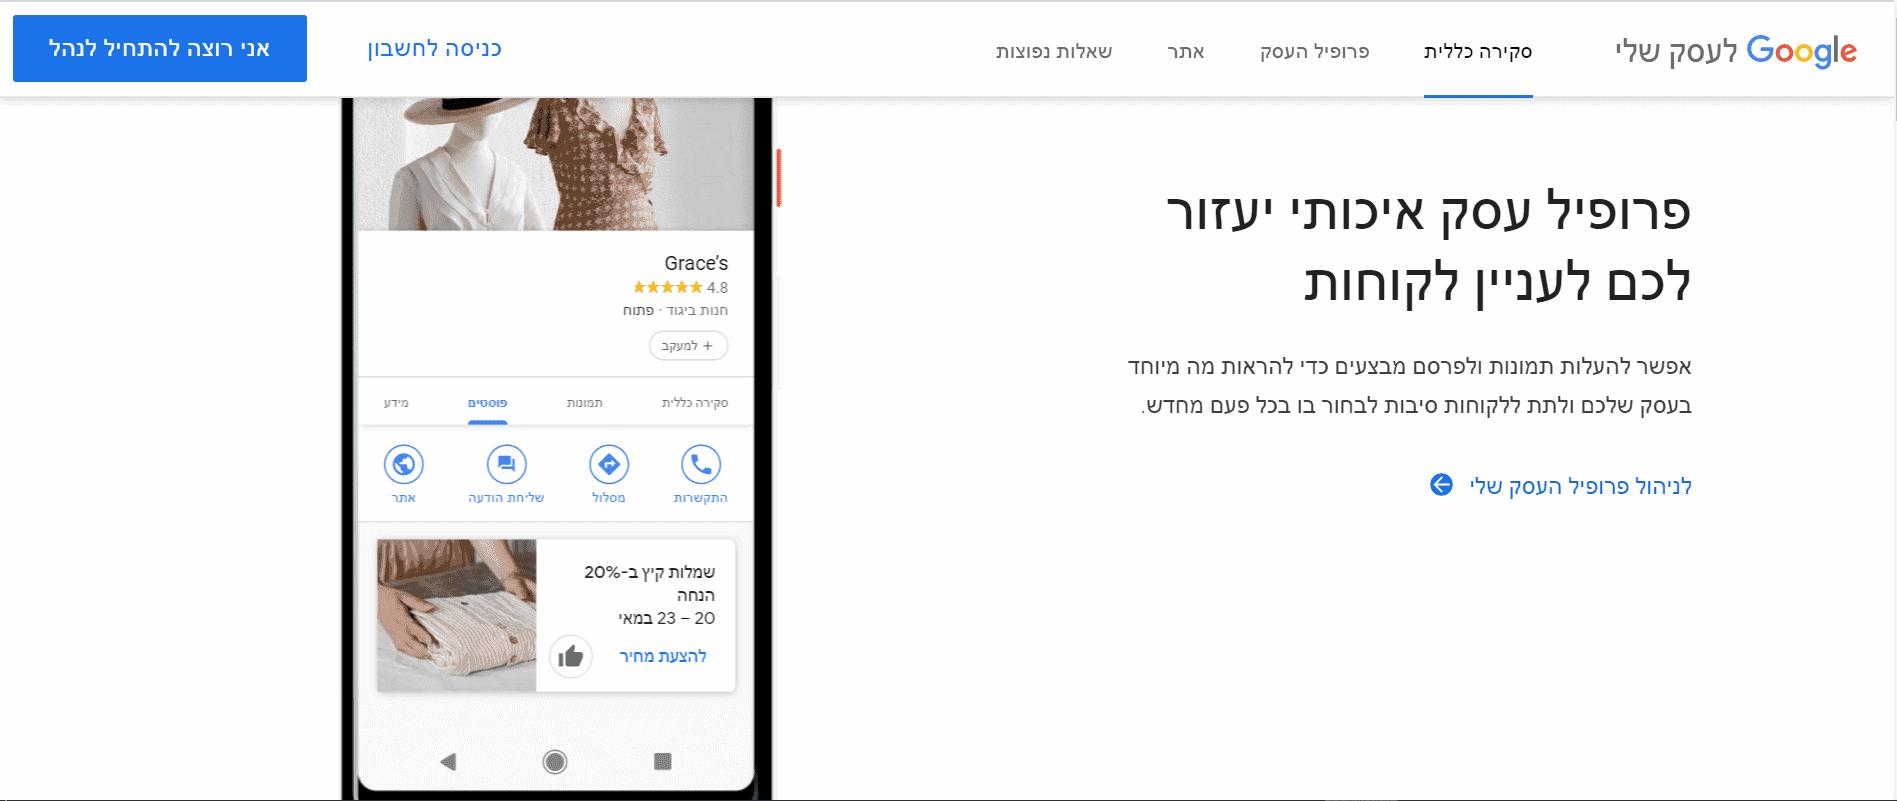 שלב ראשון בפתיחת גוגל לעסק שלי